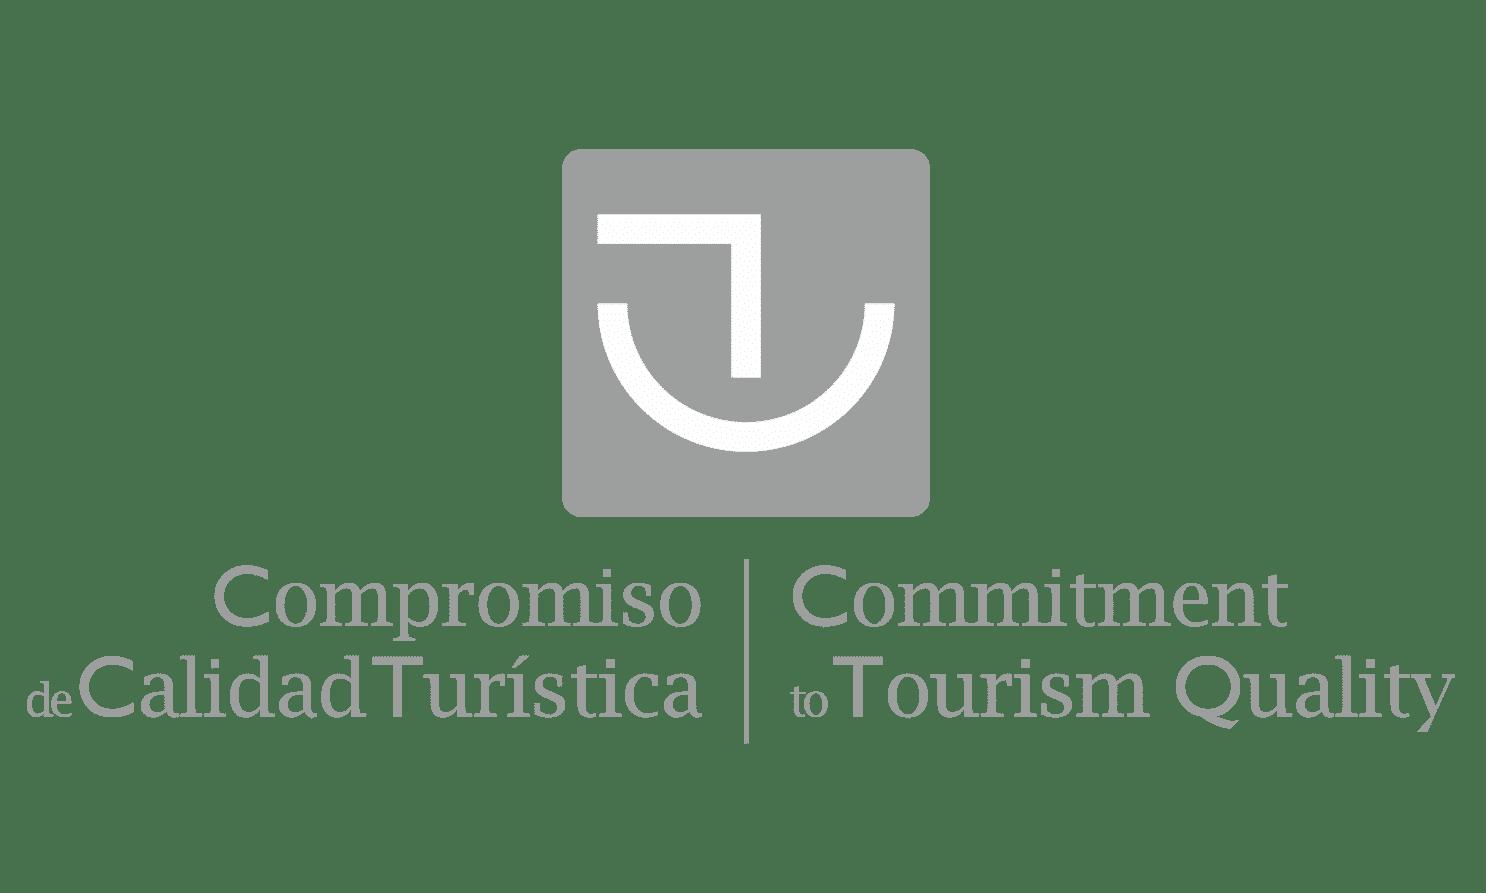 Grey logo from Compromiso de Calidad Turística